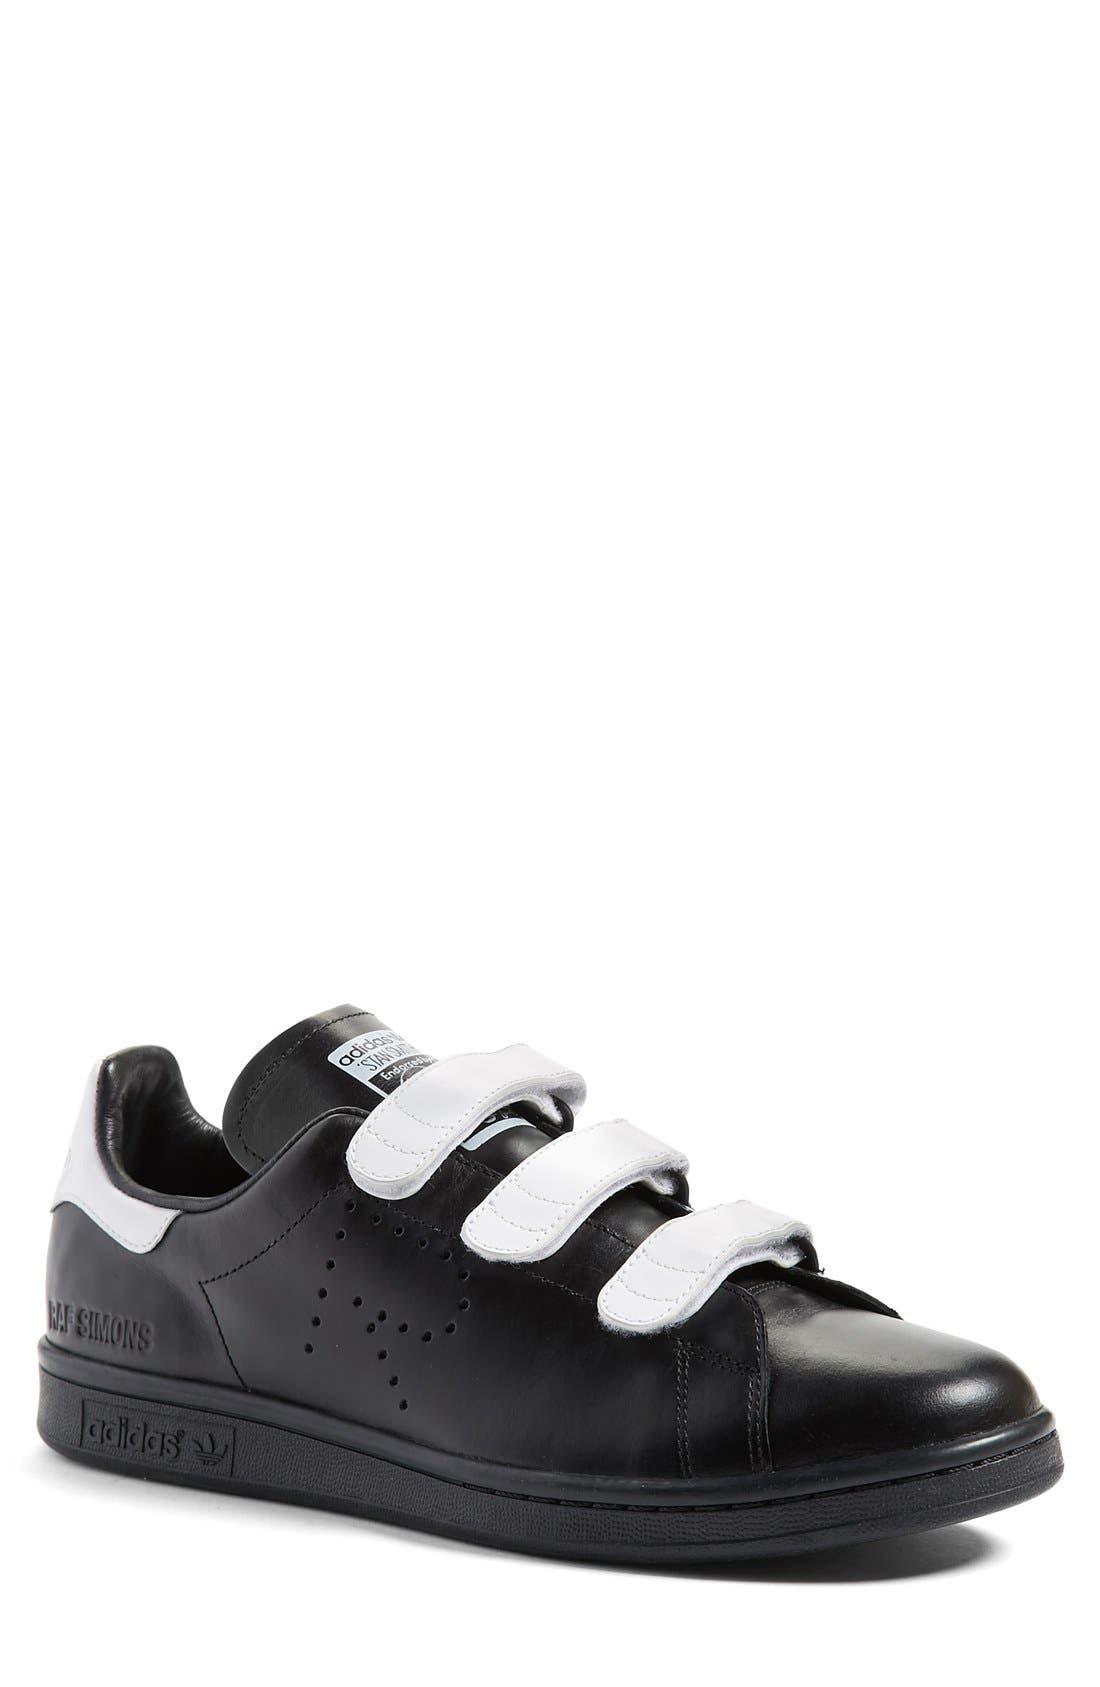 RAF SIMONS adidas by Raf Simons 'Stan Smith' Sneaker, Main, color, 001